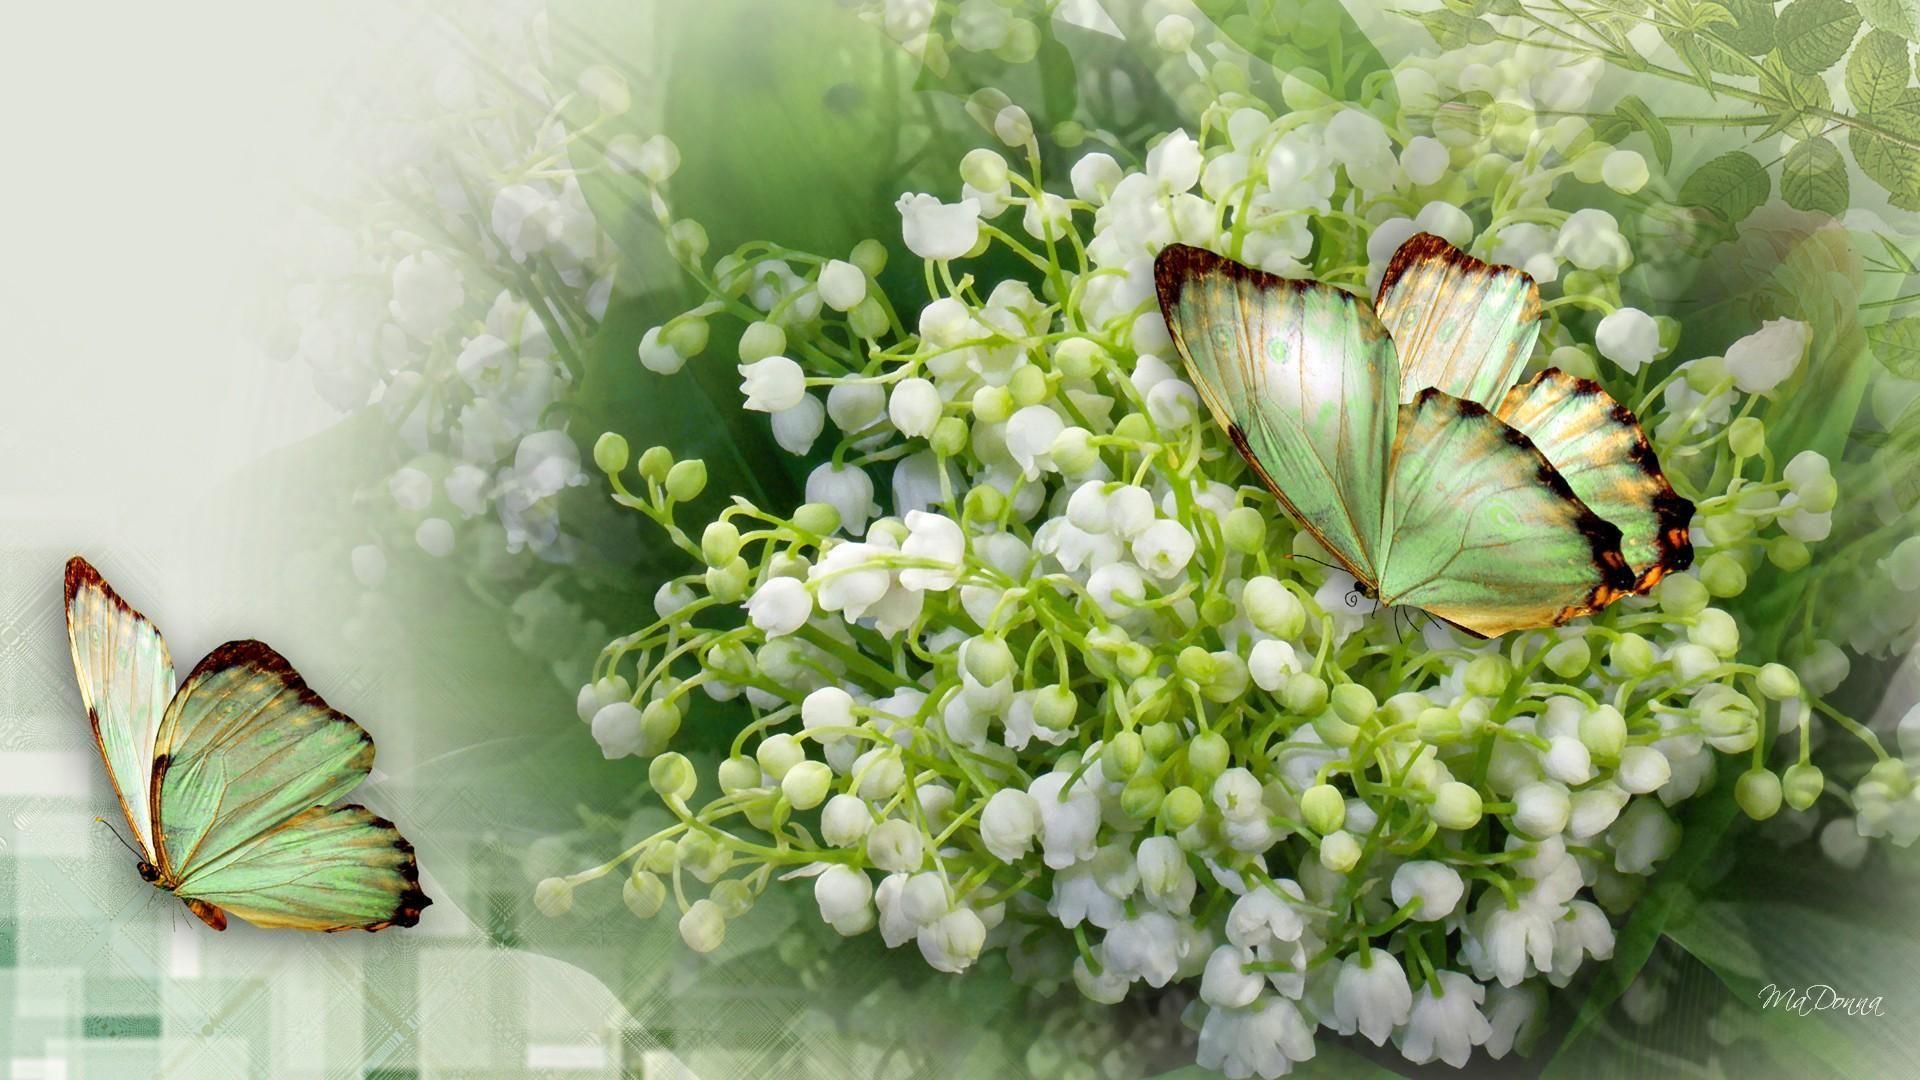 Muguet Flower background wallpaper